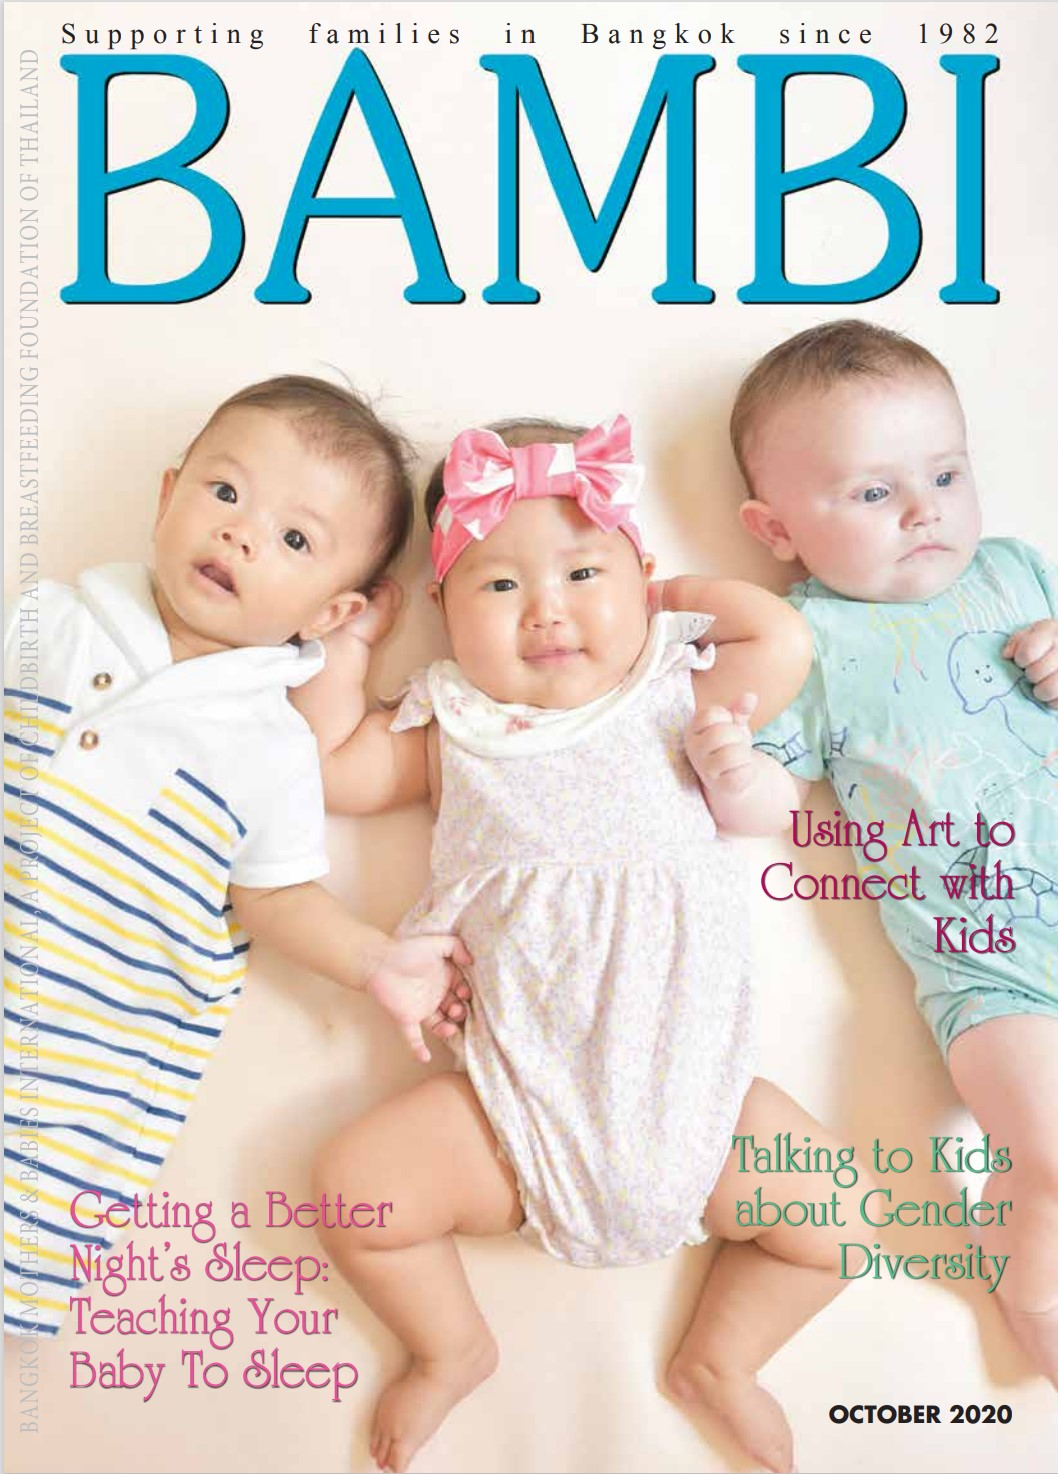 BAMBI News October 2020